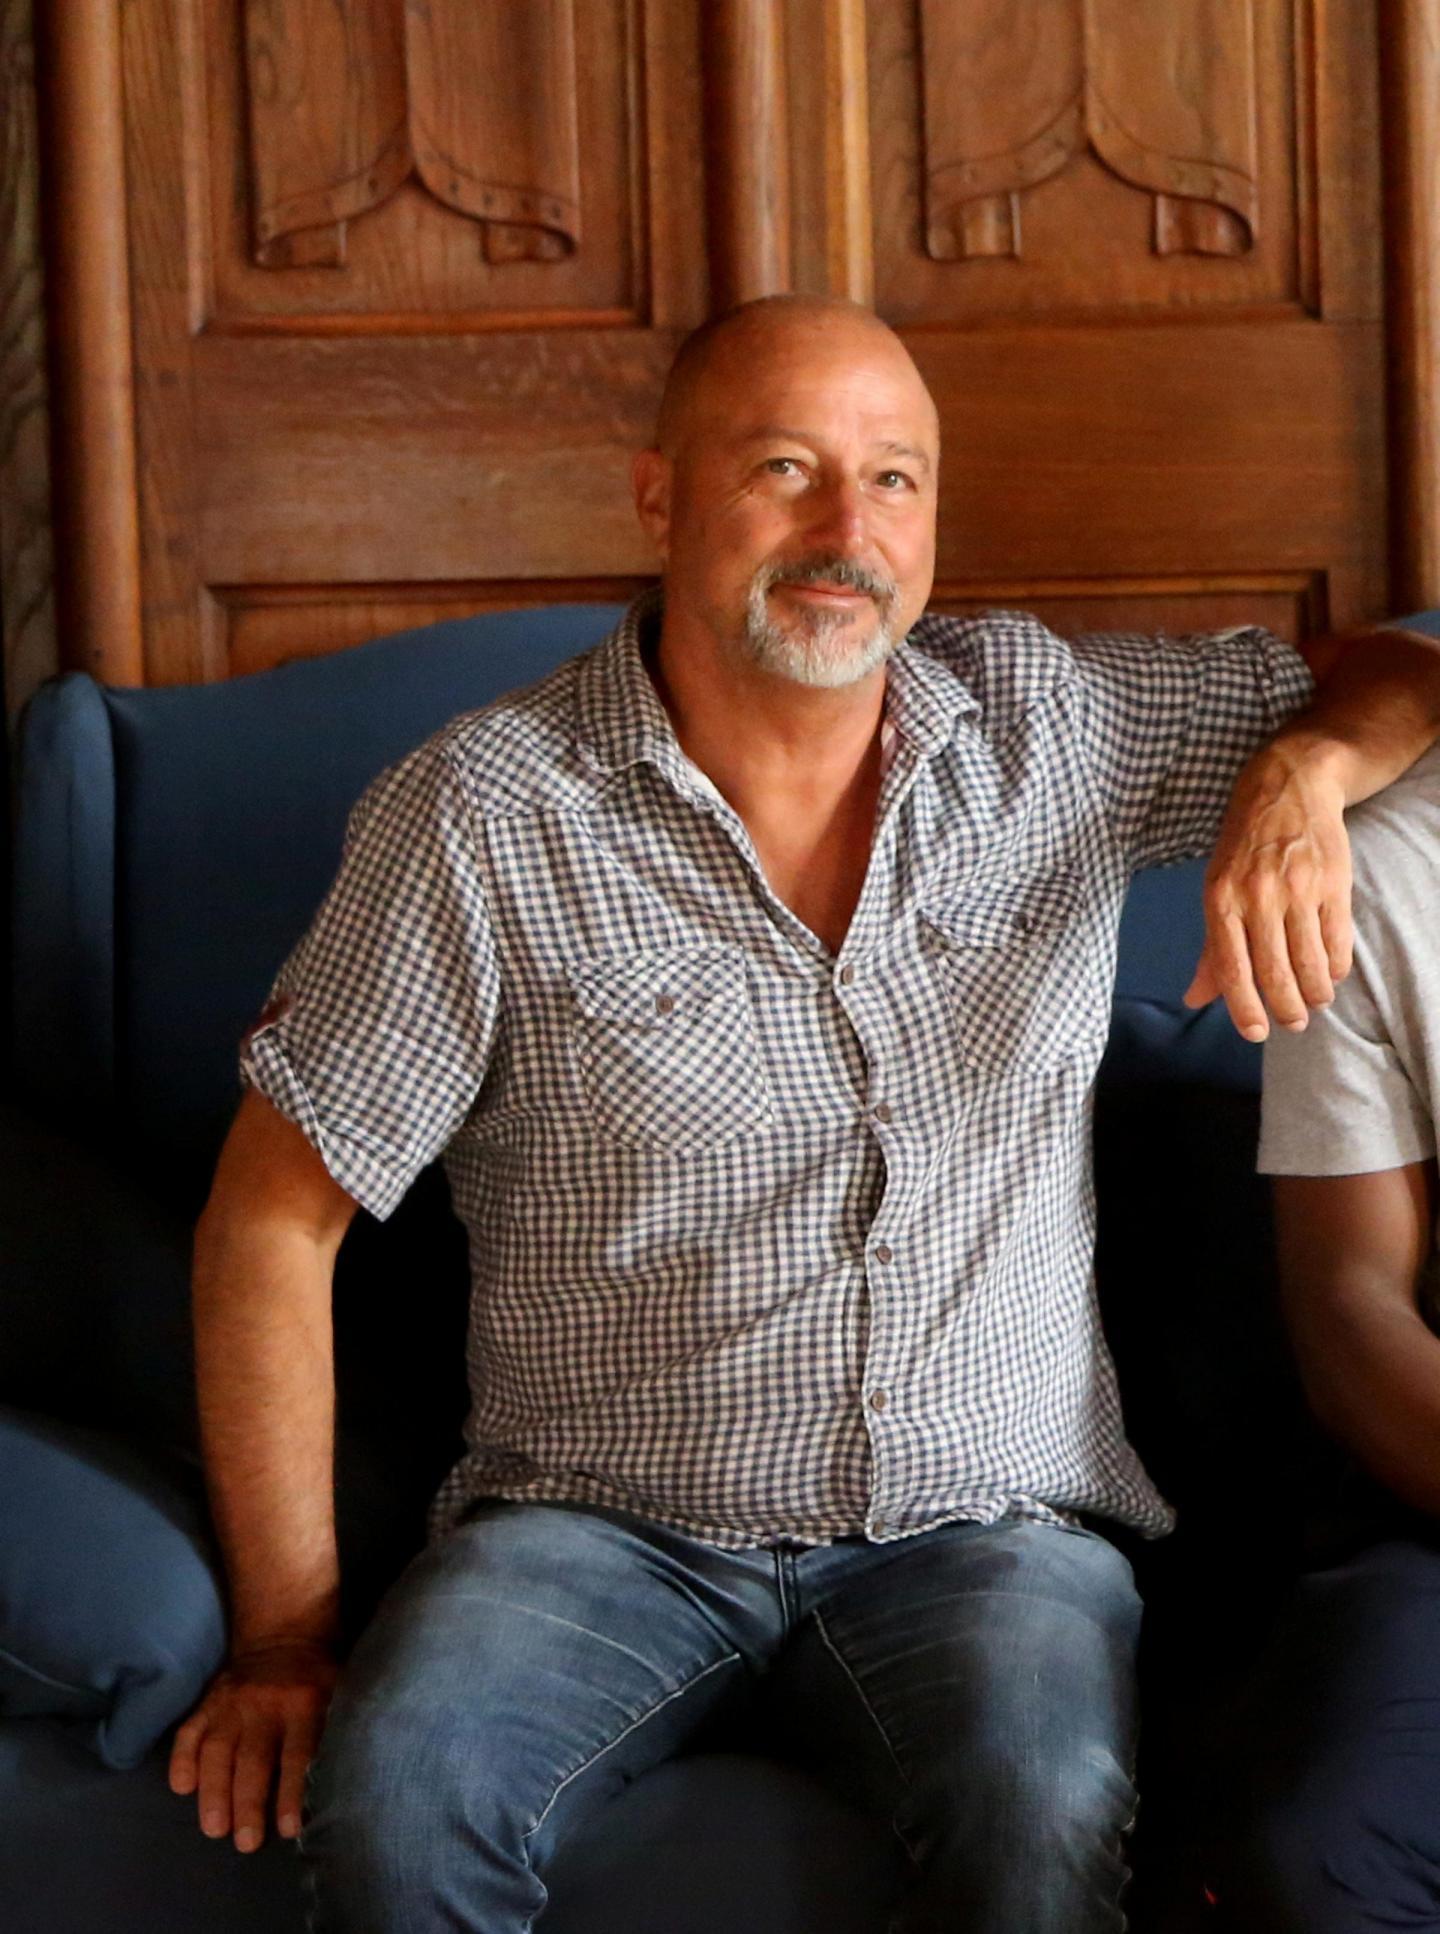 Pascal Guyot, metteur en scène de la pièce.